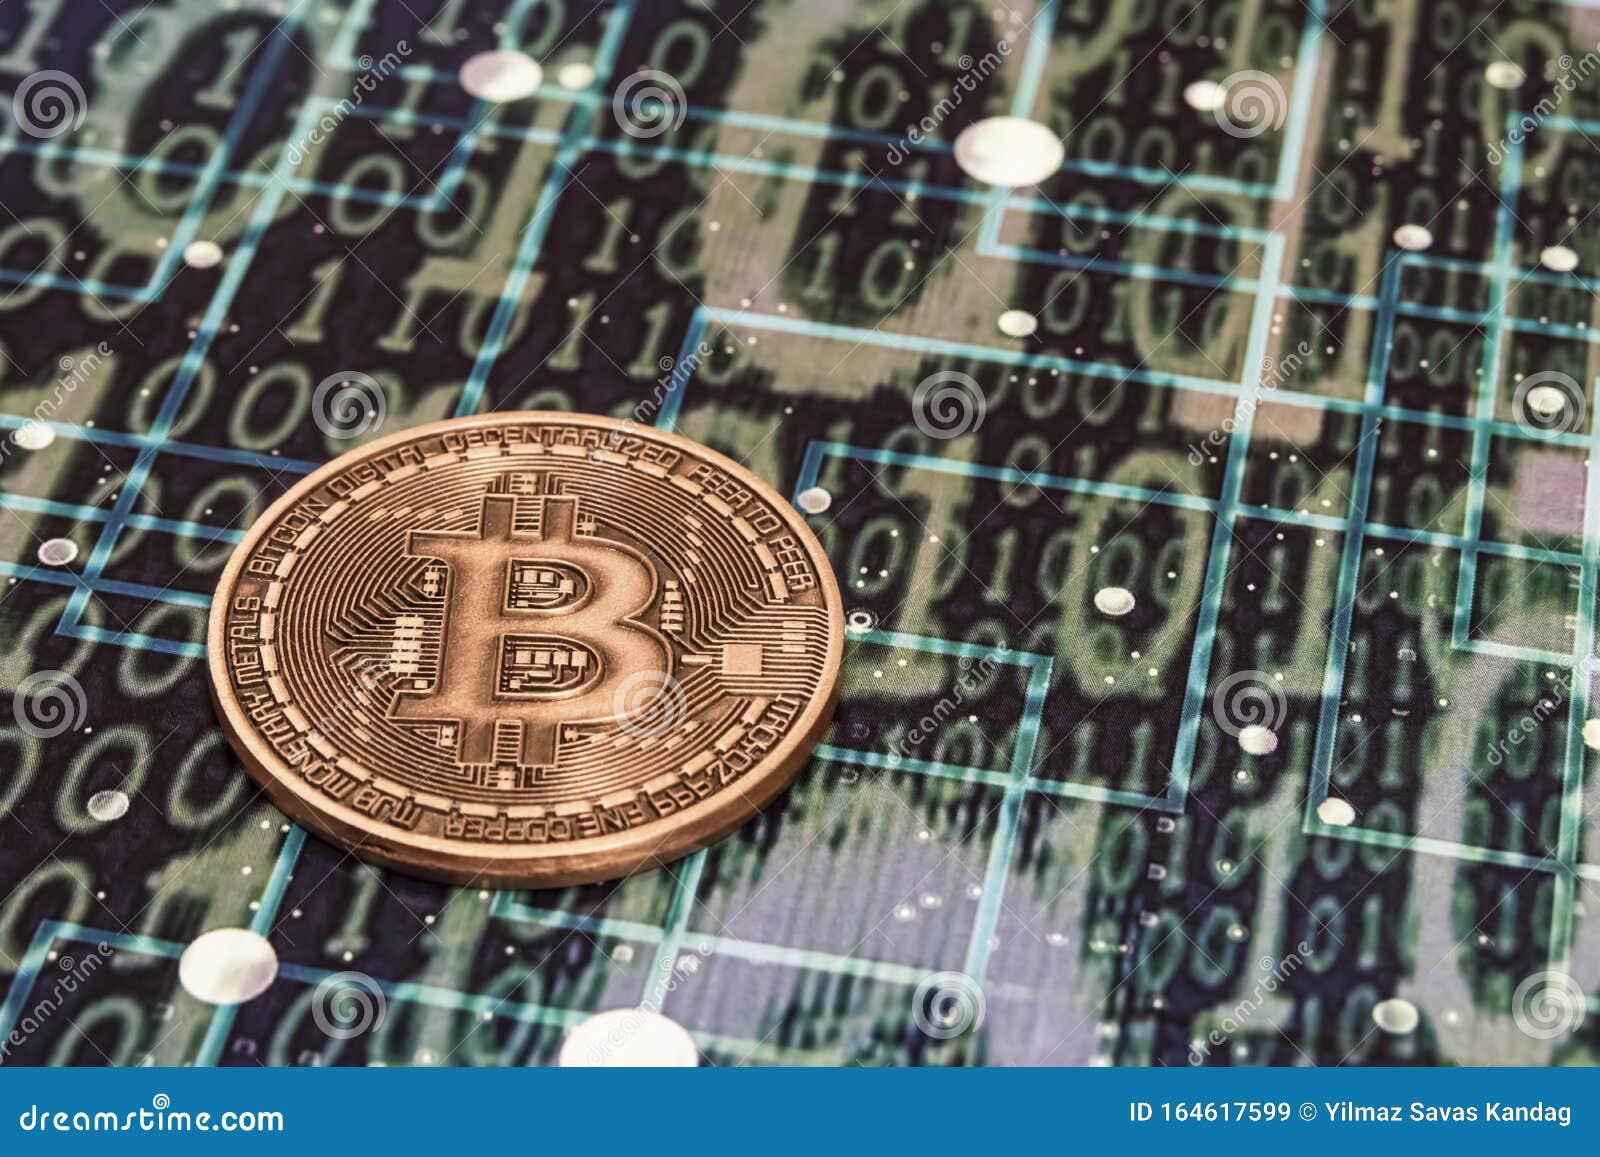 indirizzo IP della transazione bitcoin